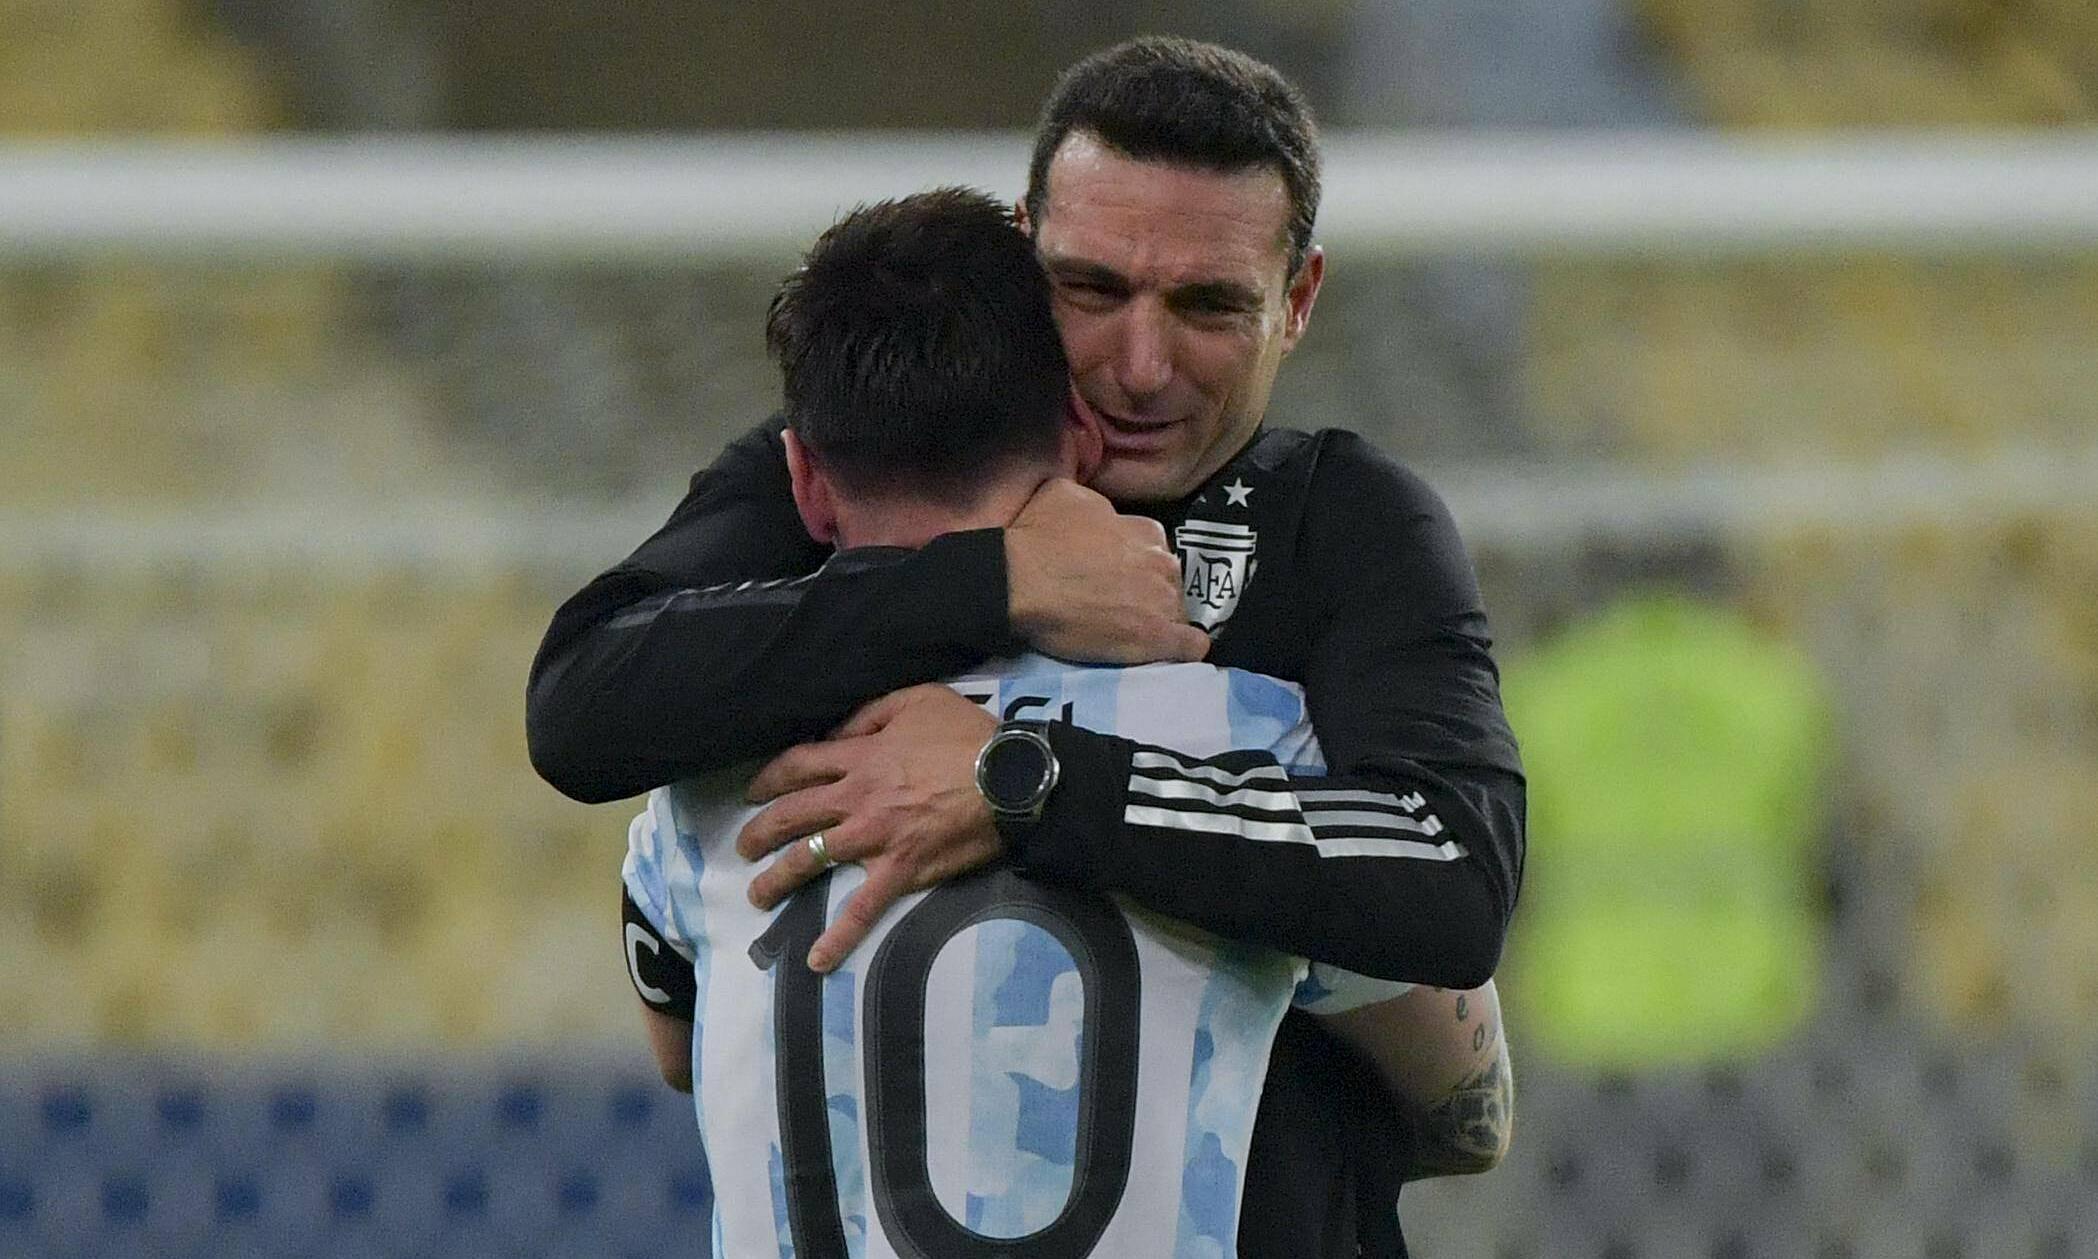 Pelatih Scaloni memeluk Messi setelah Argentina memenangkan Copa America.  Foto: Reuters